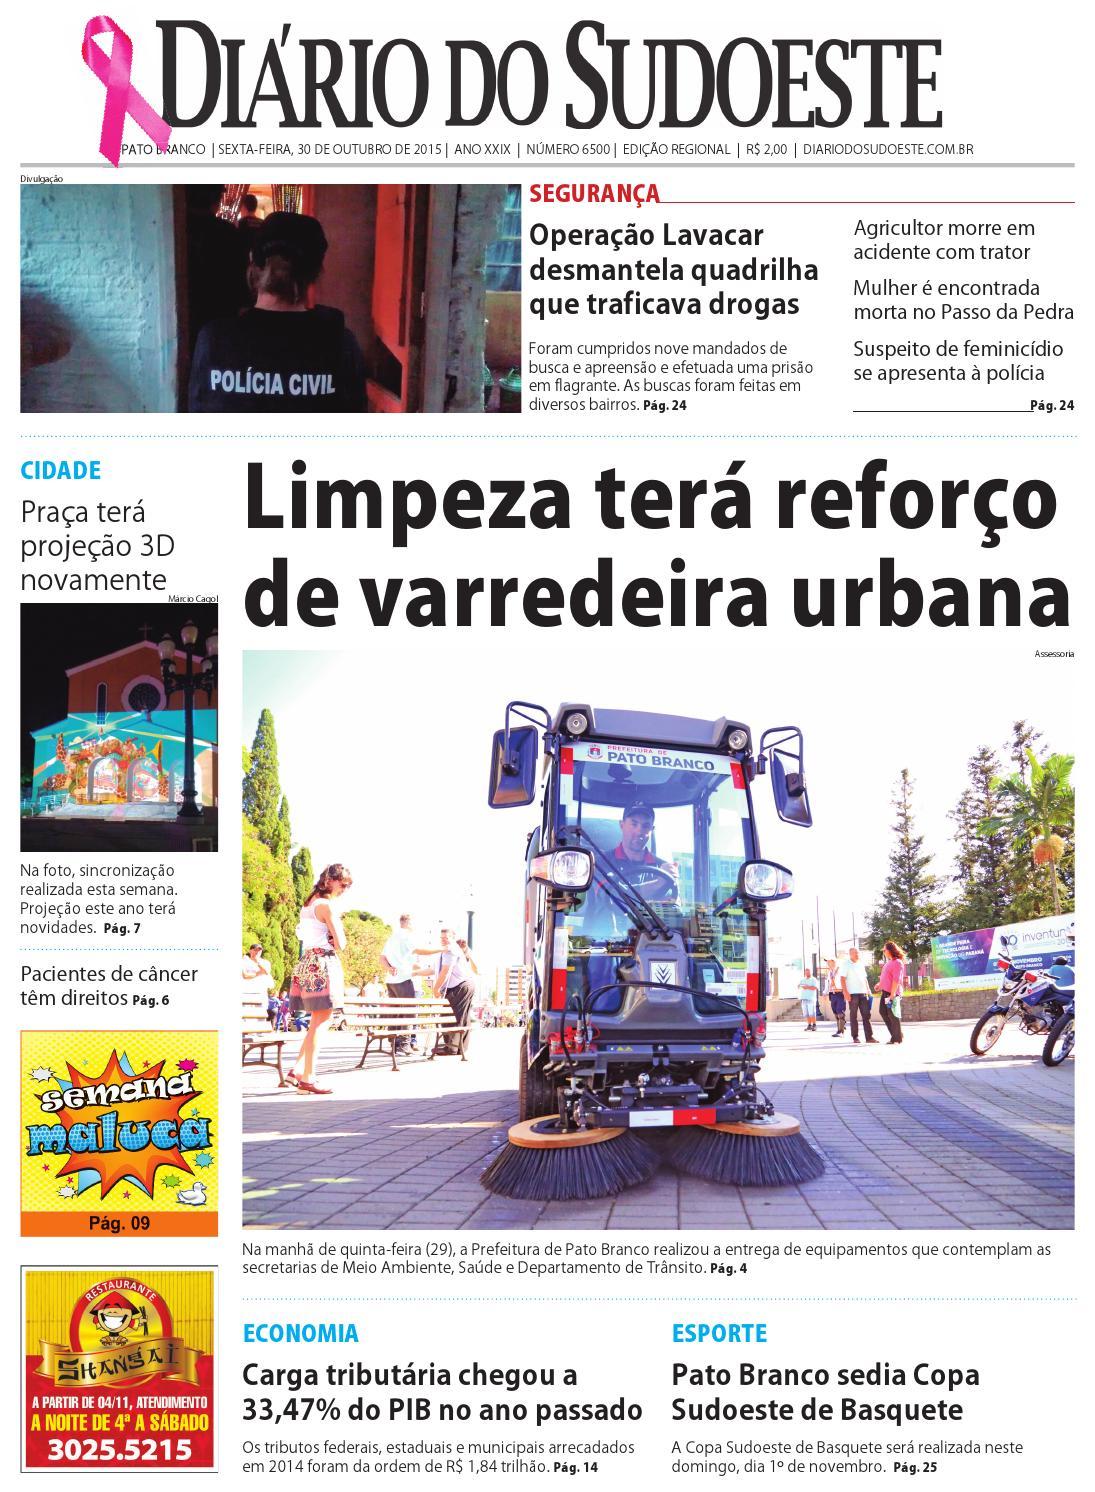 9226a3d62 Diário do sudoeste 30 de outubro de 2015 ed 6500 by Diário do Sudoeste -  issuu